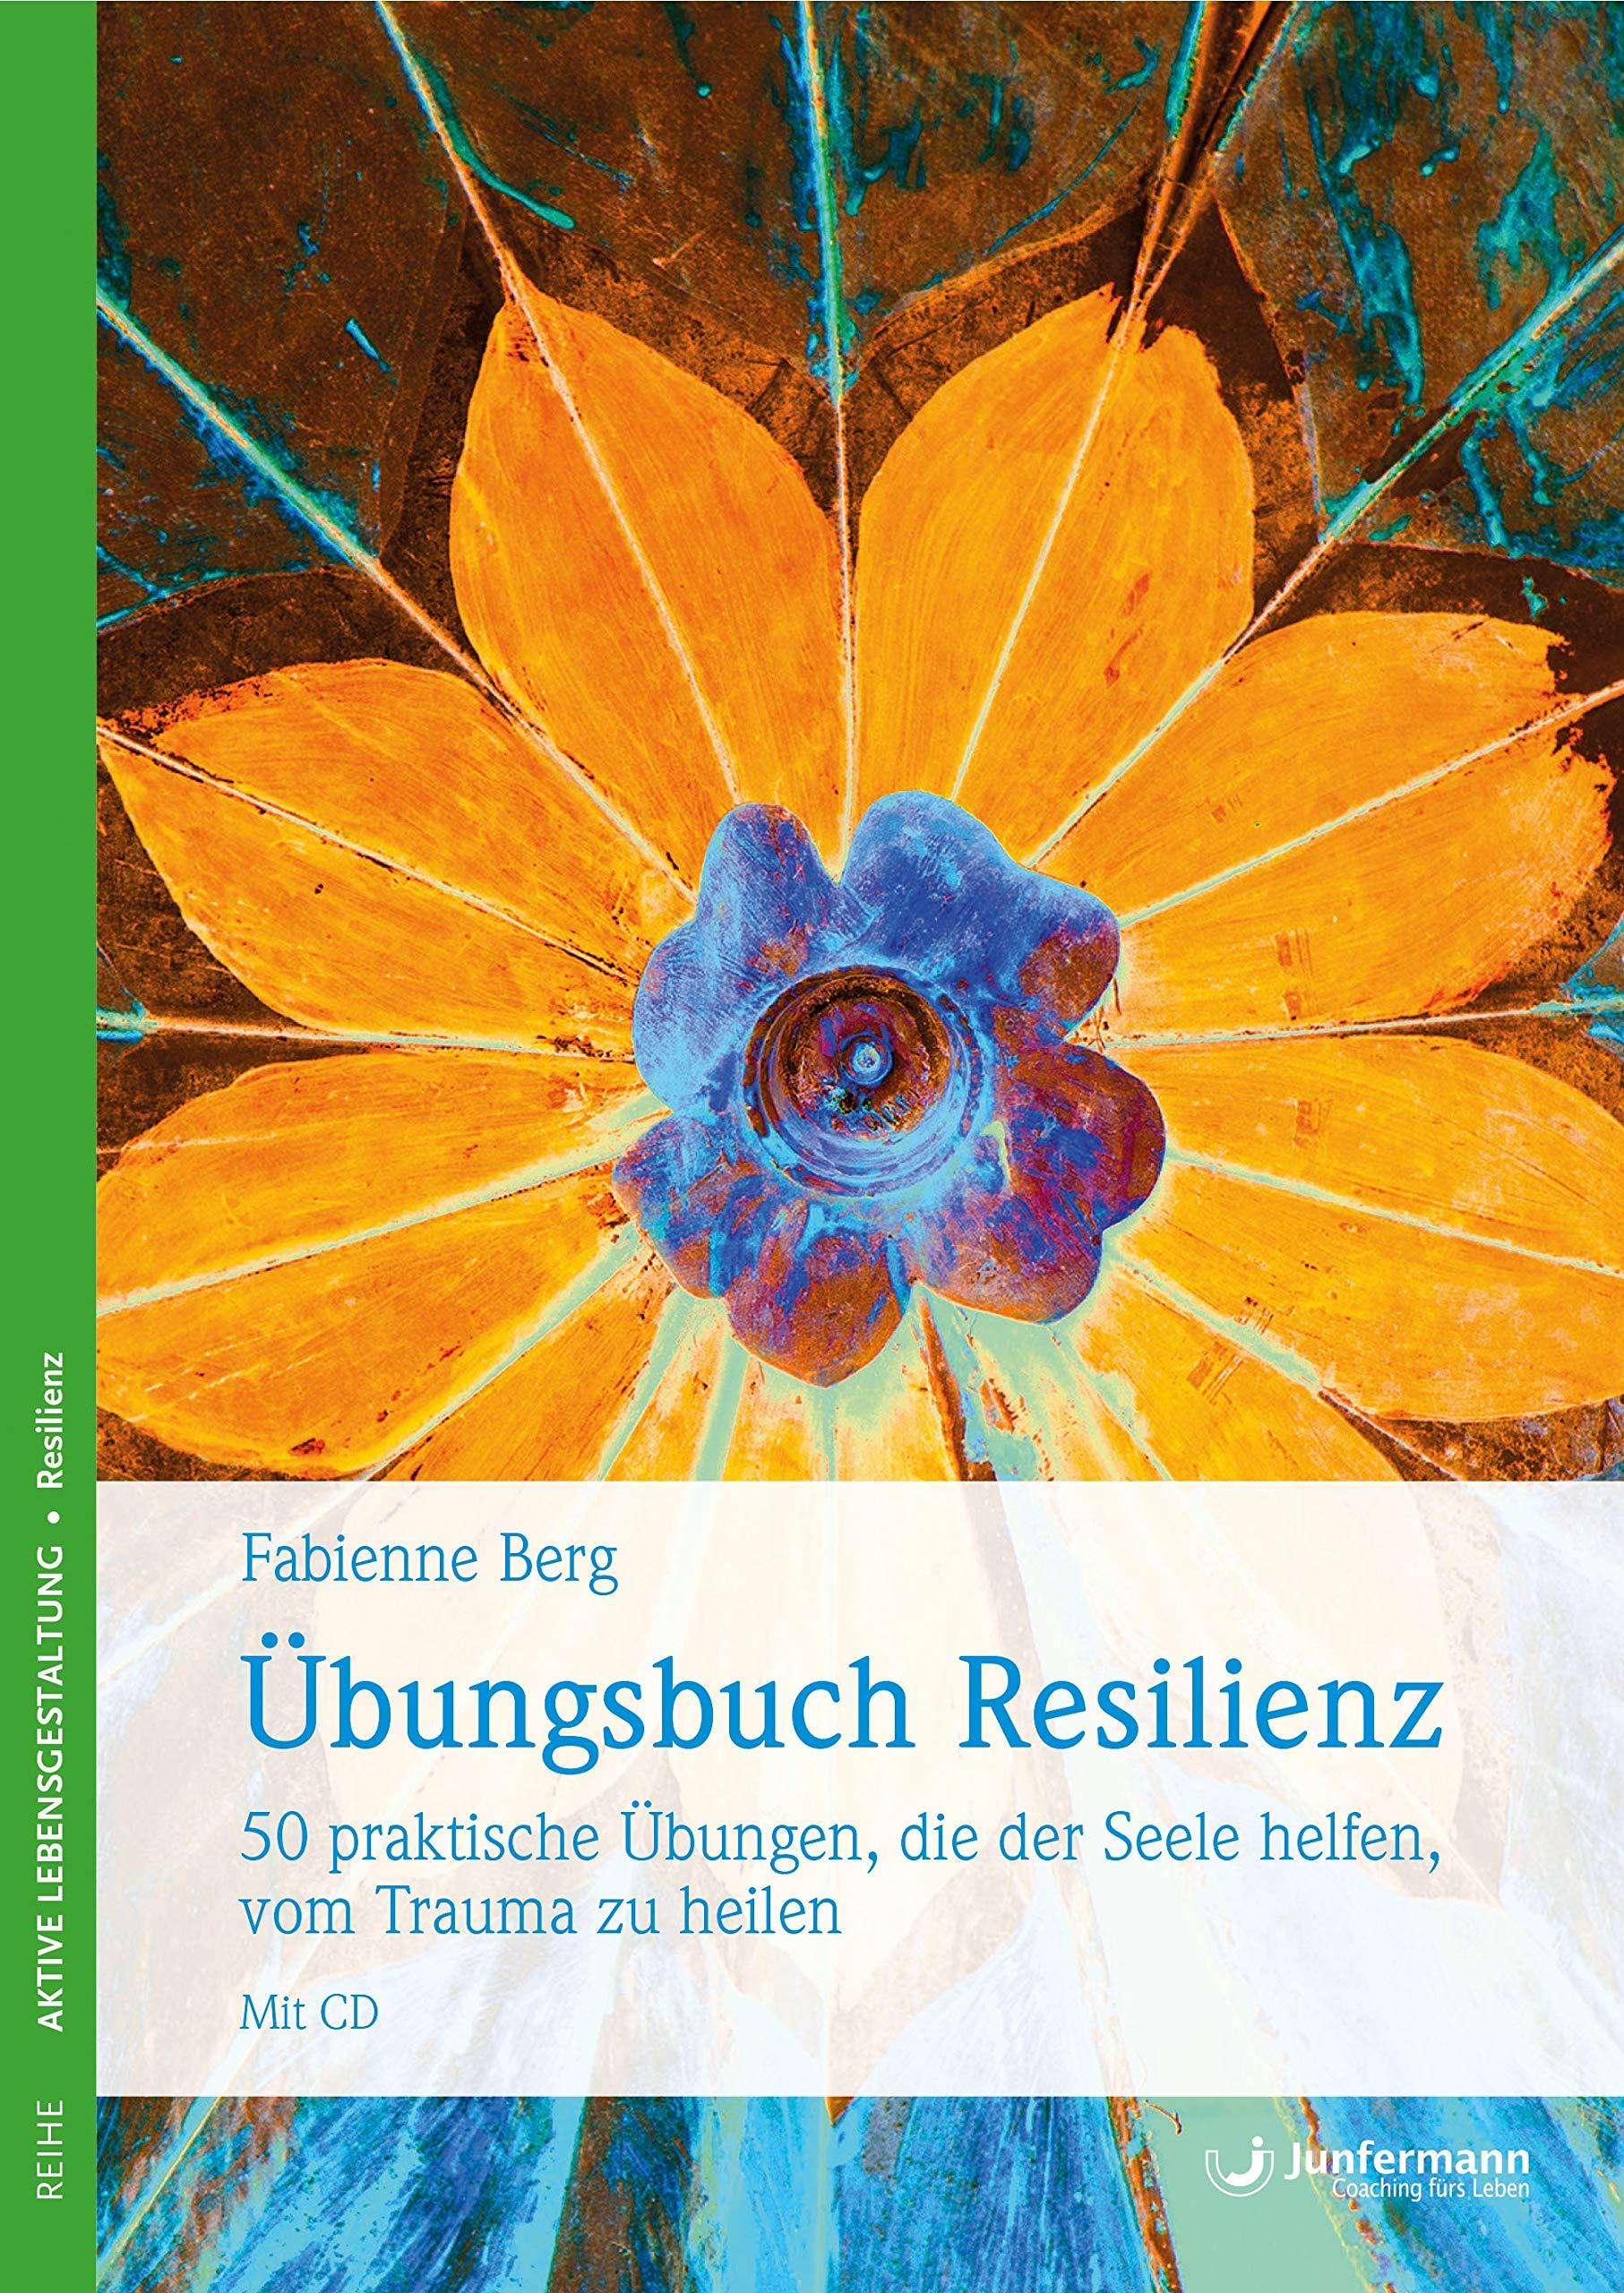 bungsbuch-resilienz-50-praktische-bungen-die-der-seele-helfen-vom-trauma-zu-heilen-mit-cd